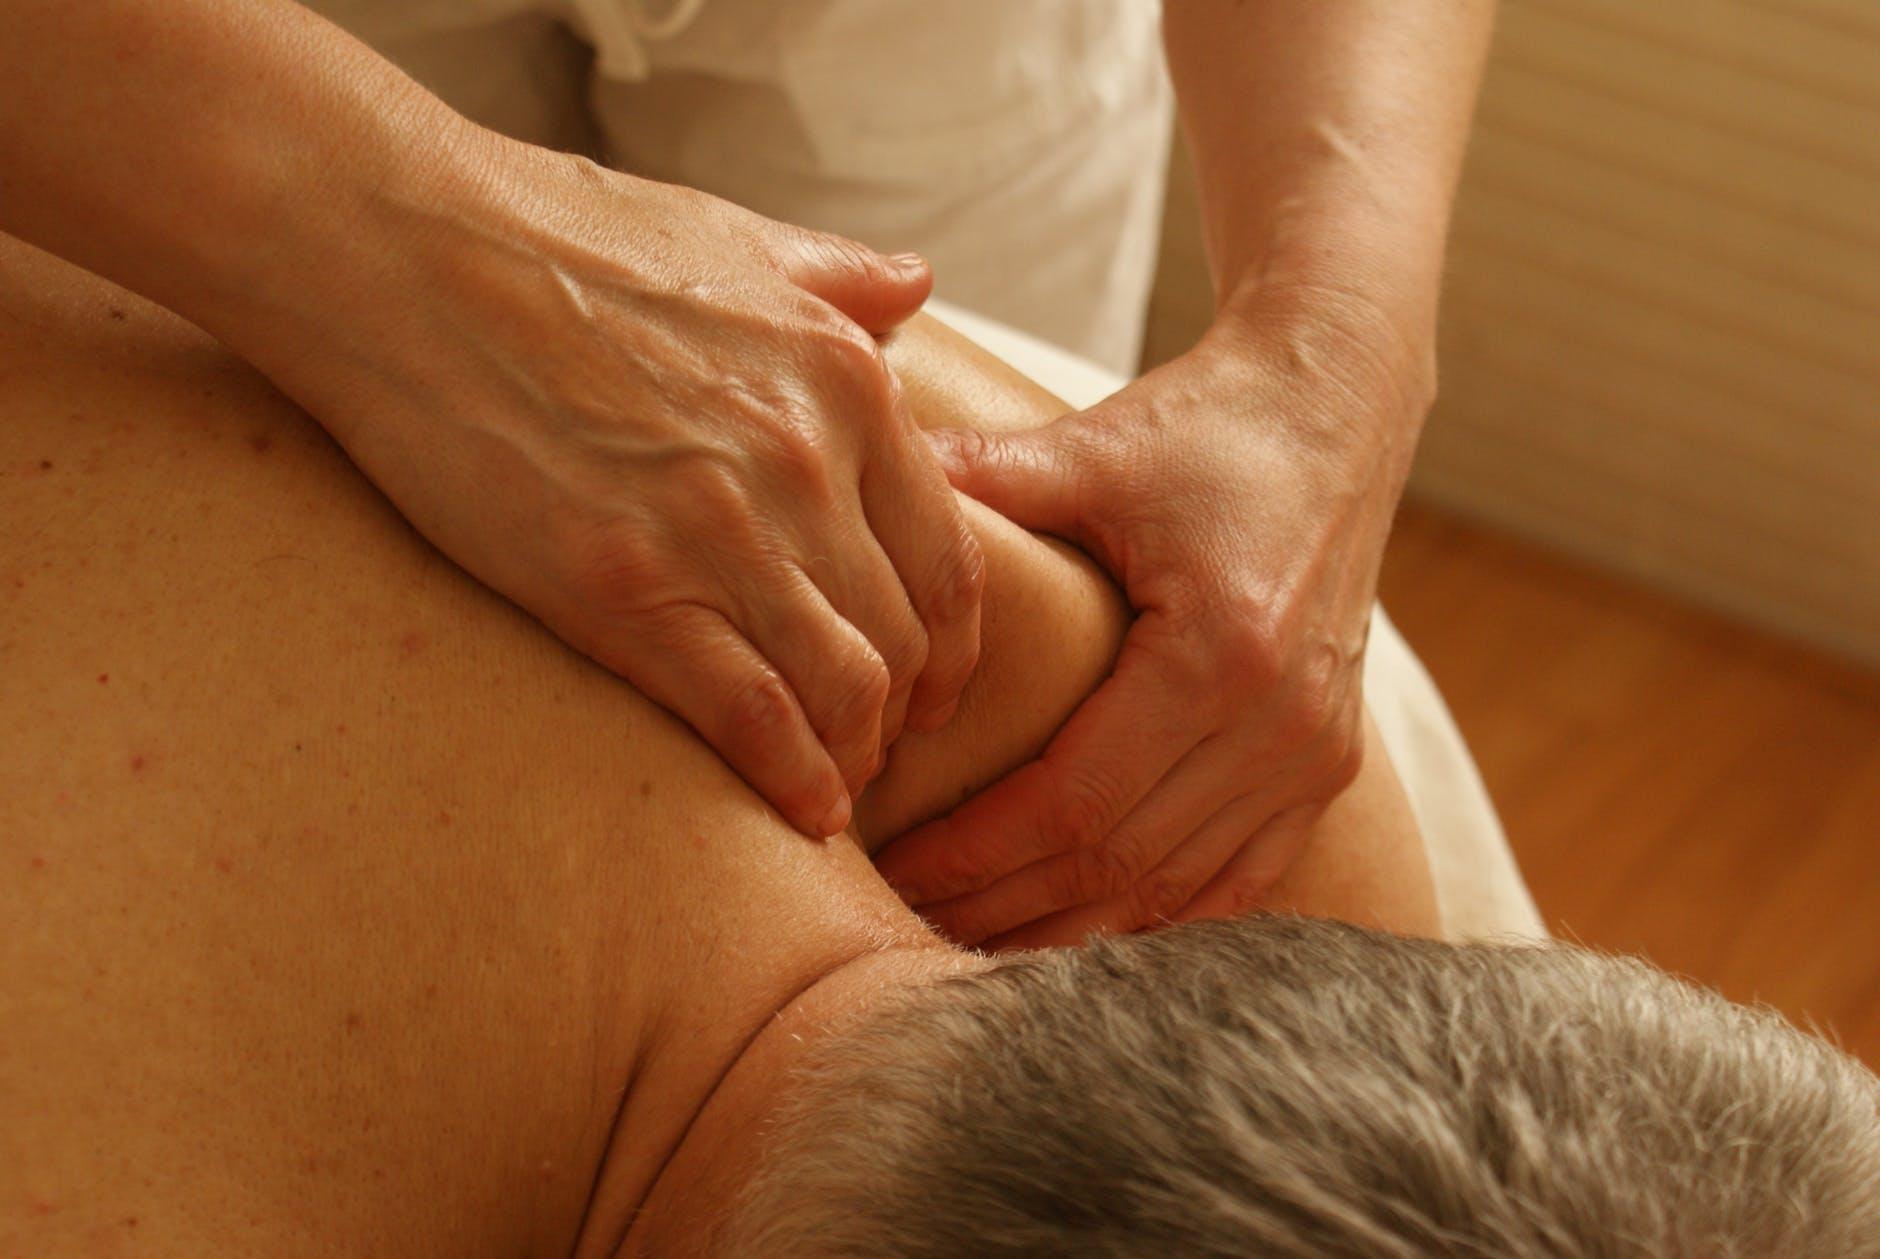 Massage parlour Prahran Area 5 years established $52 k WIWO| 6 rooms